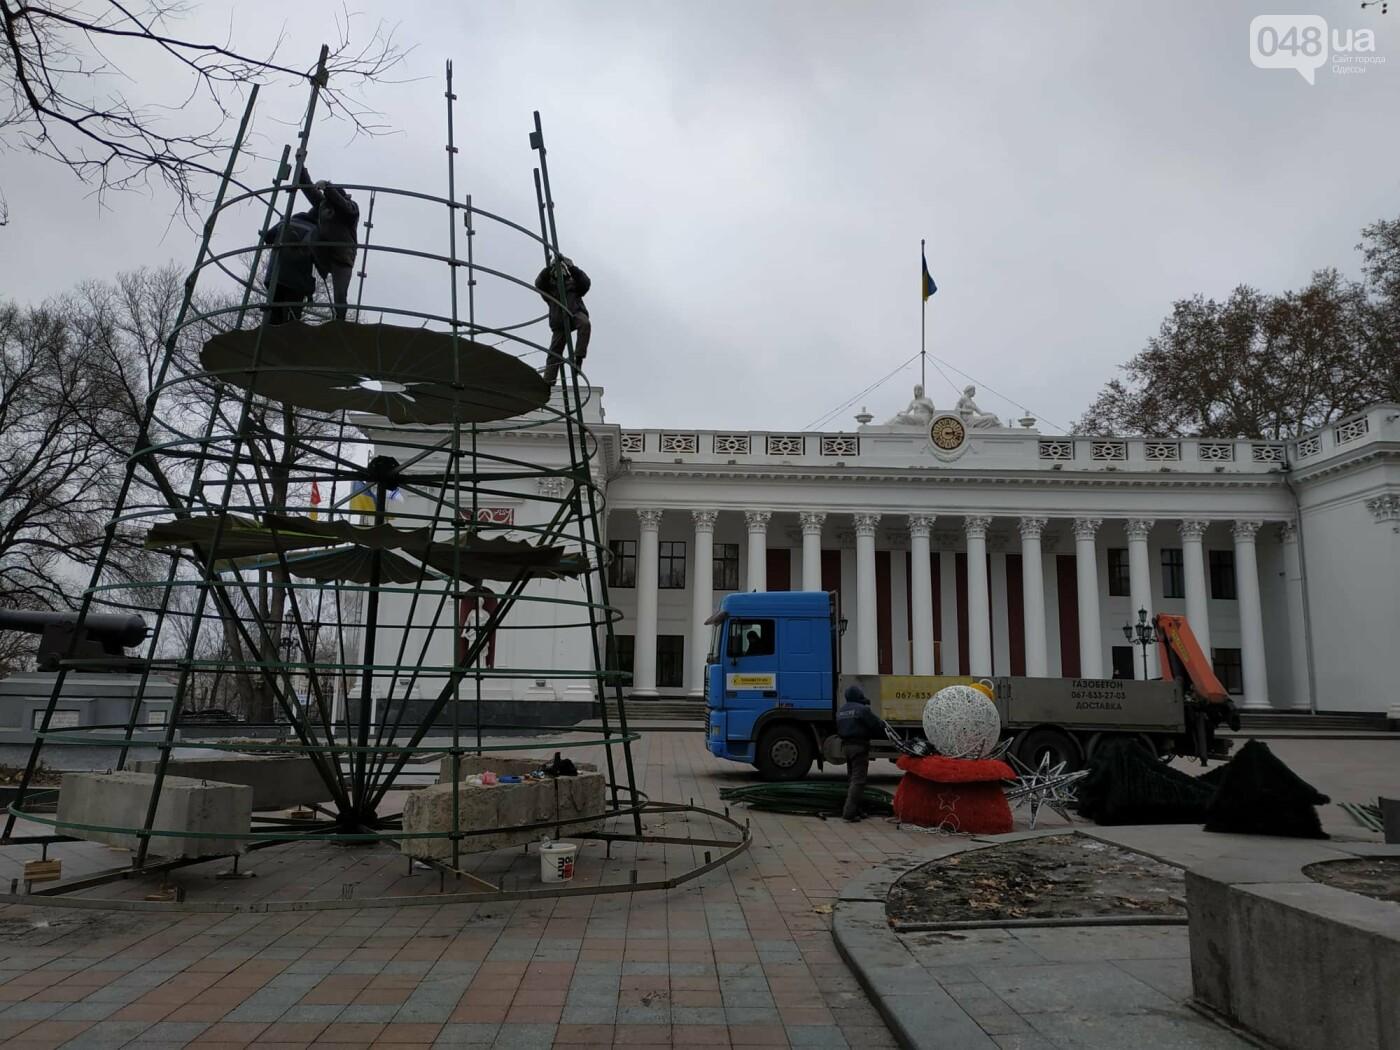 Праздники закончились: главную елку Одессы разбирают, - ФОТО, фото-3